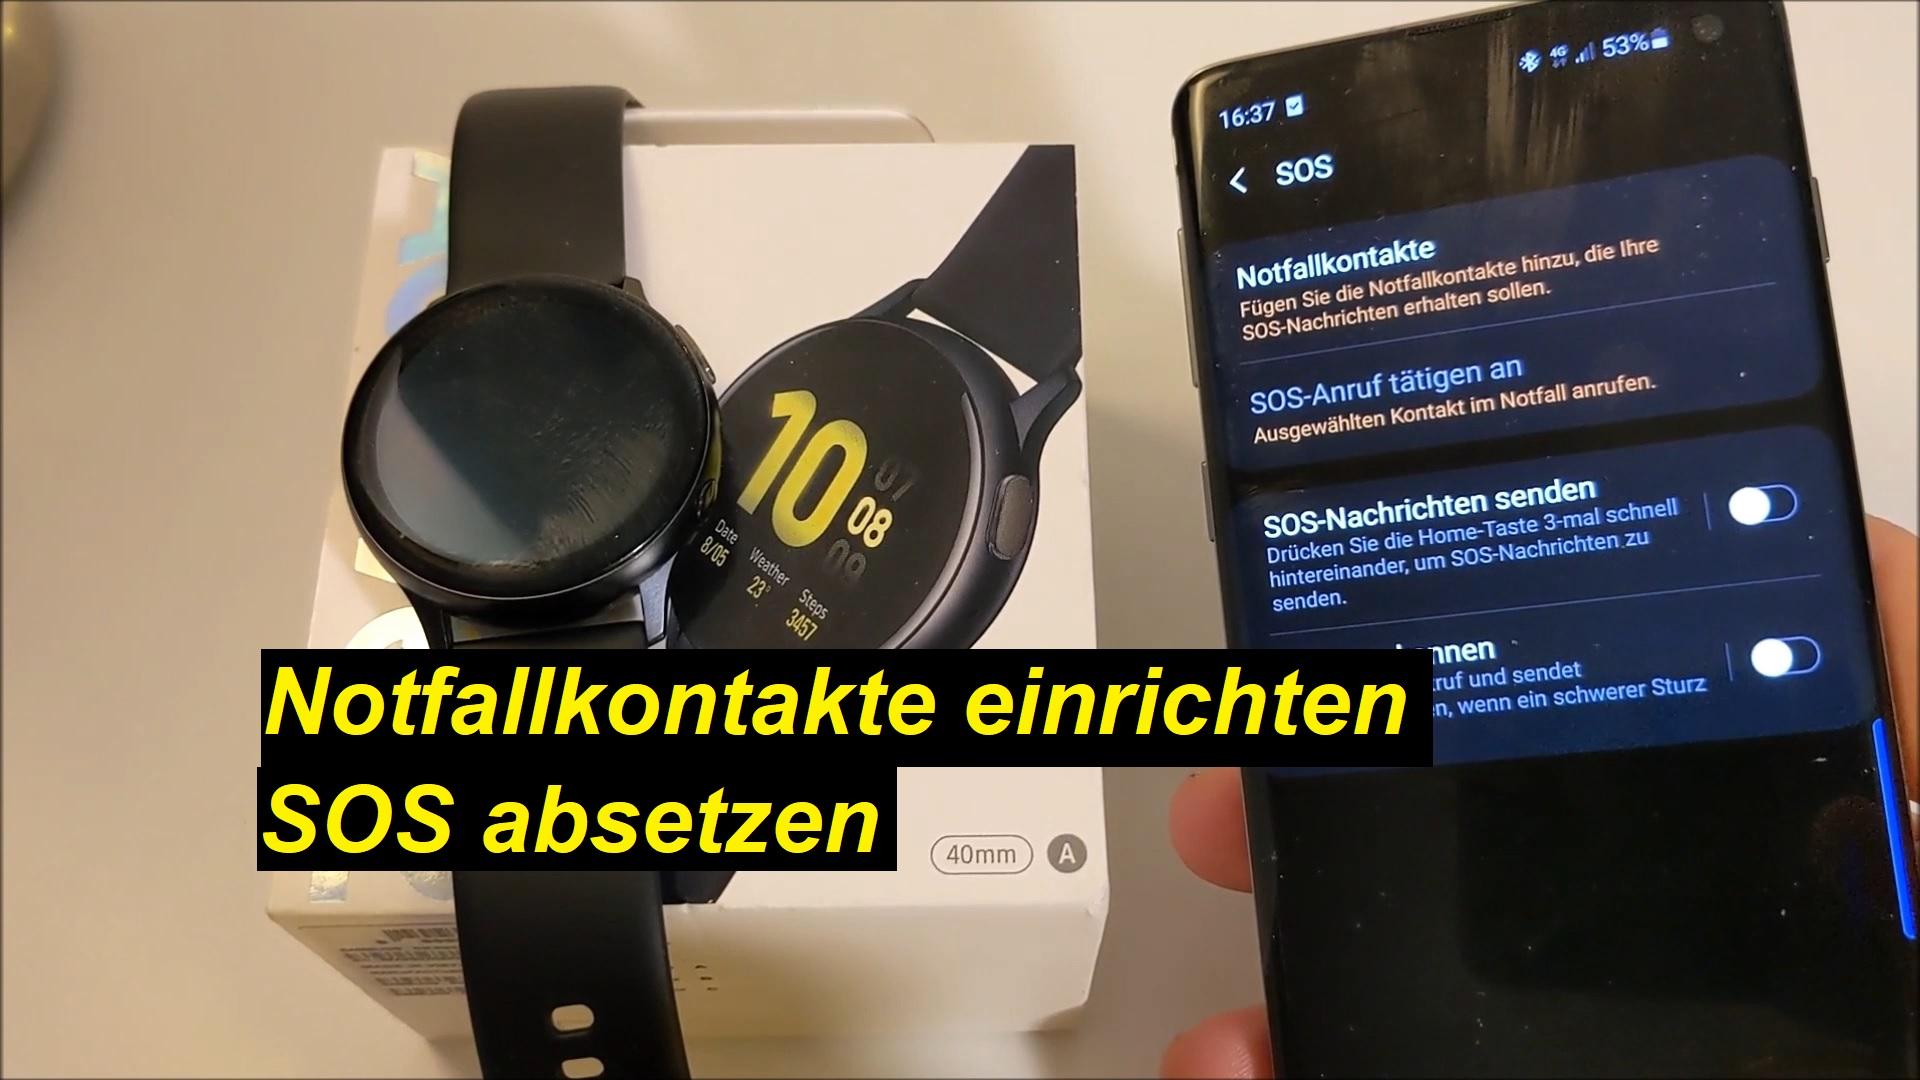 SOS absetzen auf der Samsung Galaxy Watch Active2 - Tutorial - SeppelPower